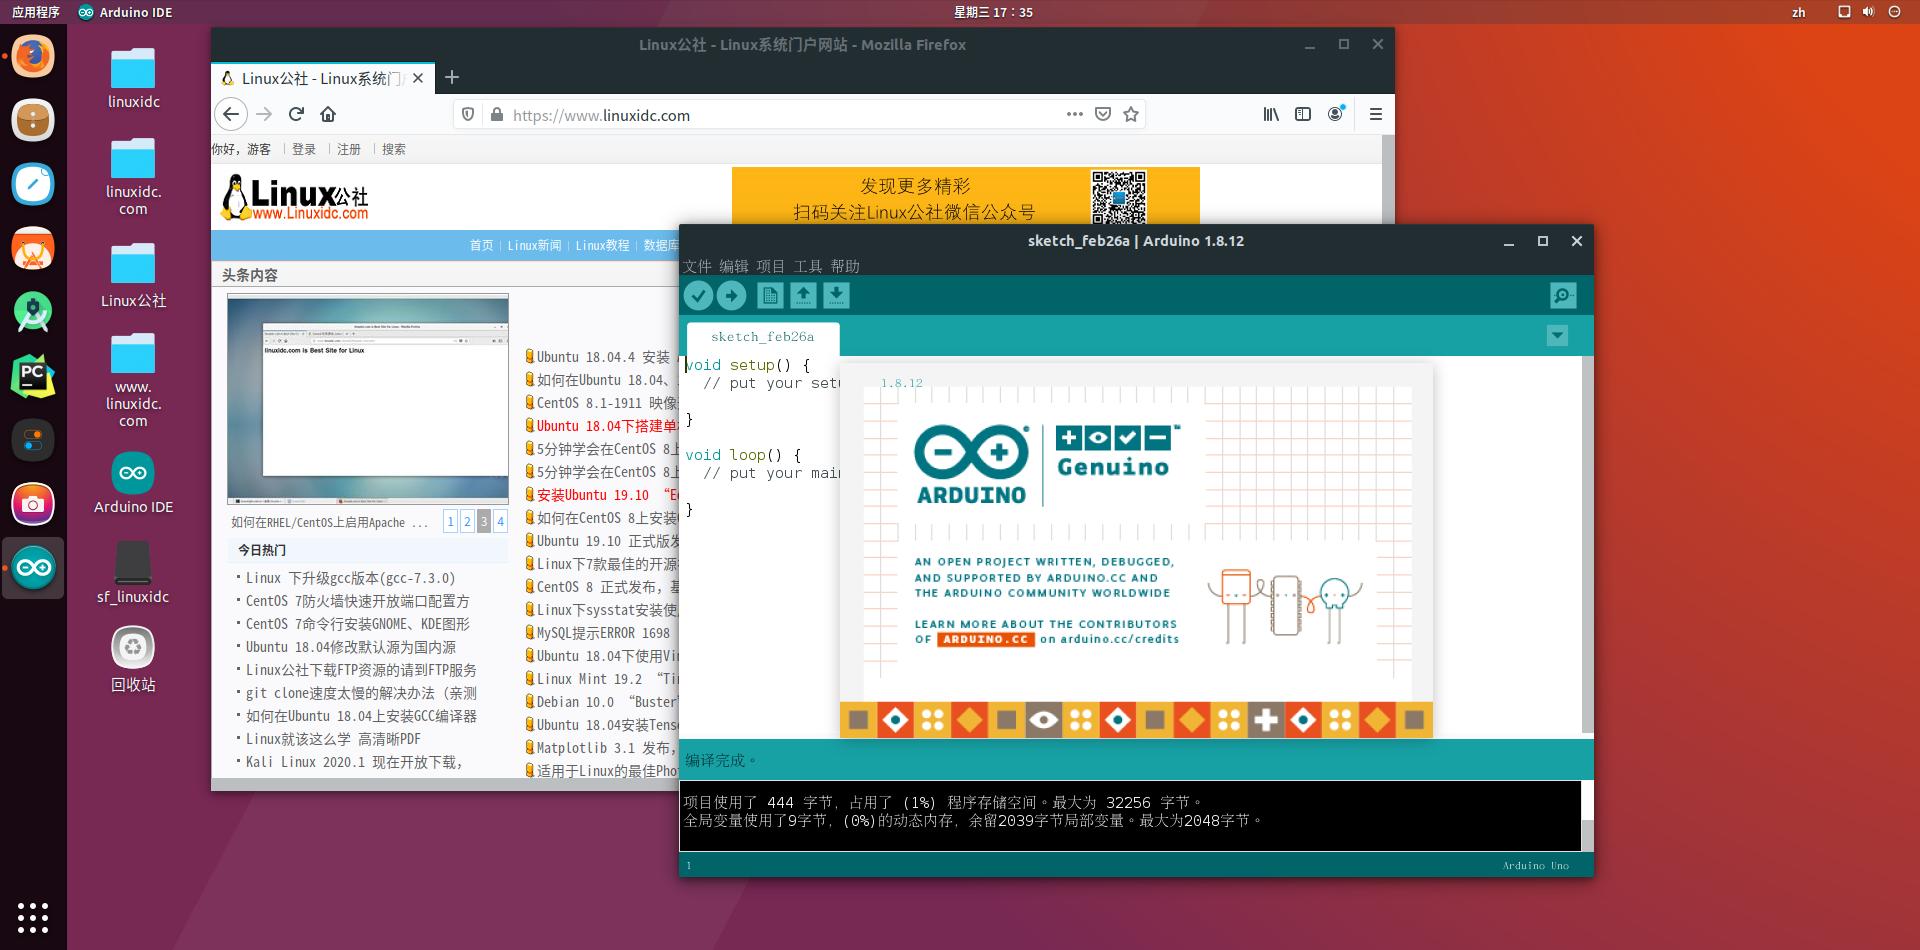 如何在Linux上安装Arduino IDE 1.8.12